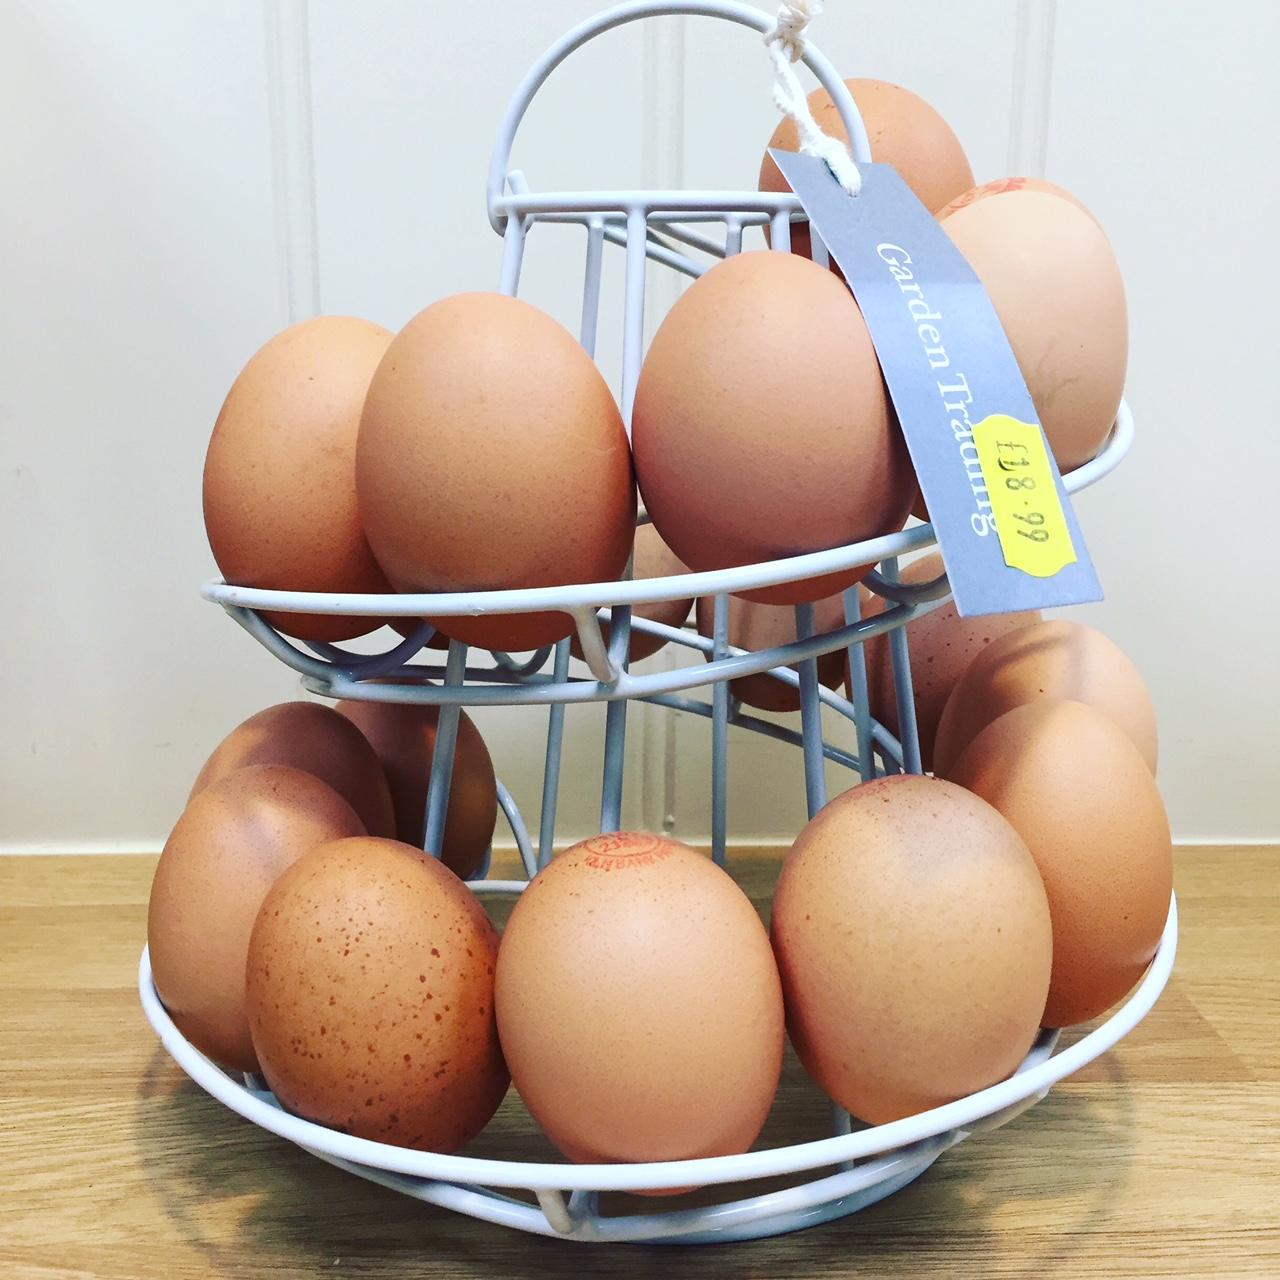 Egg Run/Egg Helter Skelter